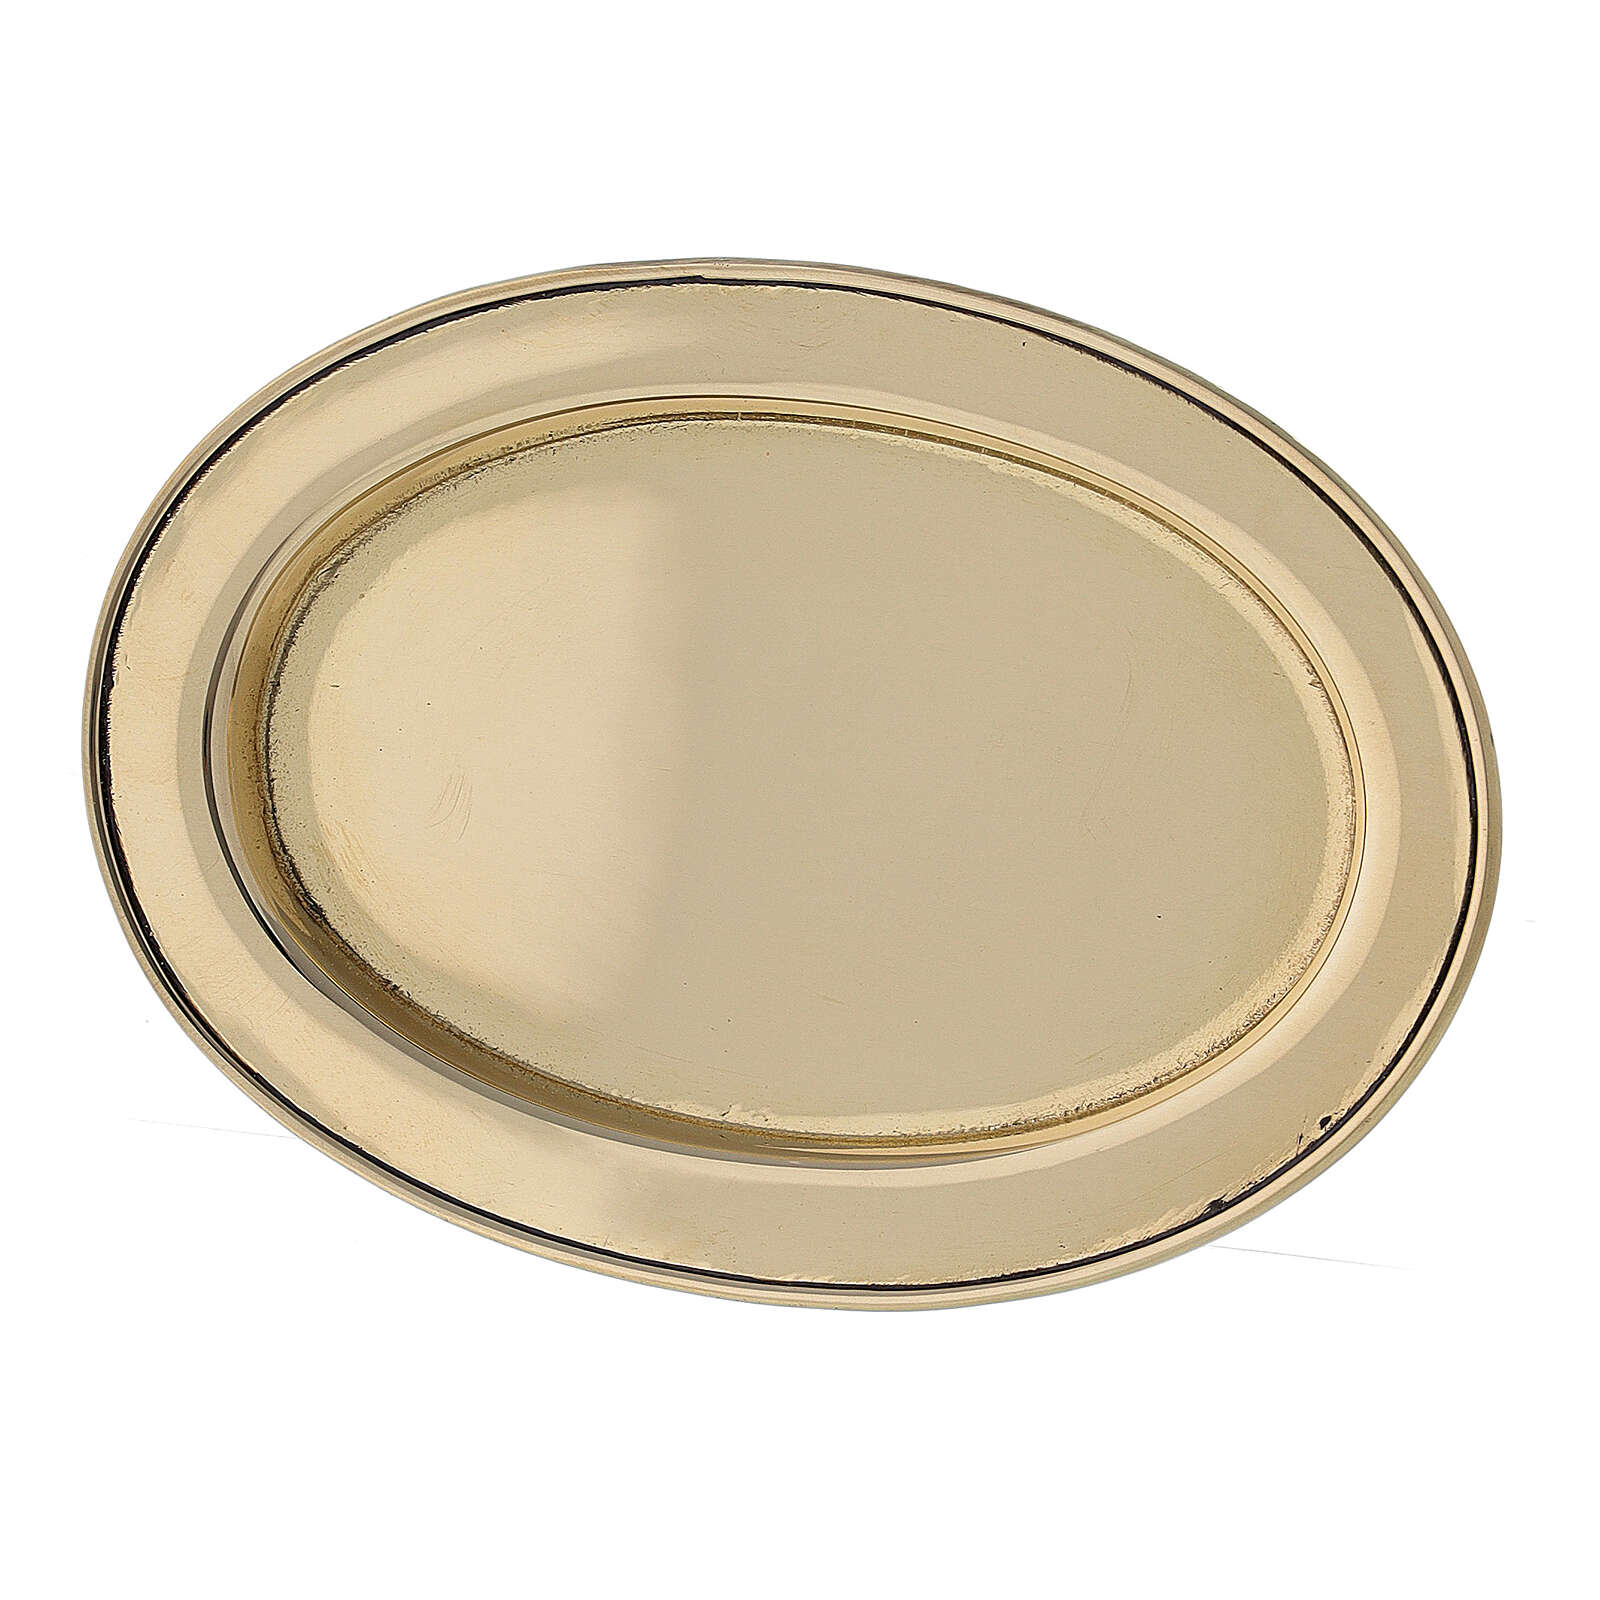 Piatto portacandela ovale bordo rialzato 9x6 cm ottone dorato 3